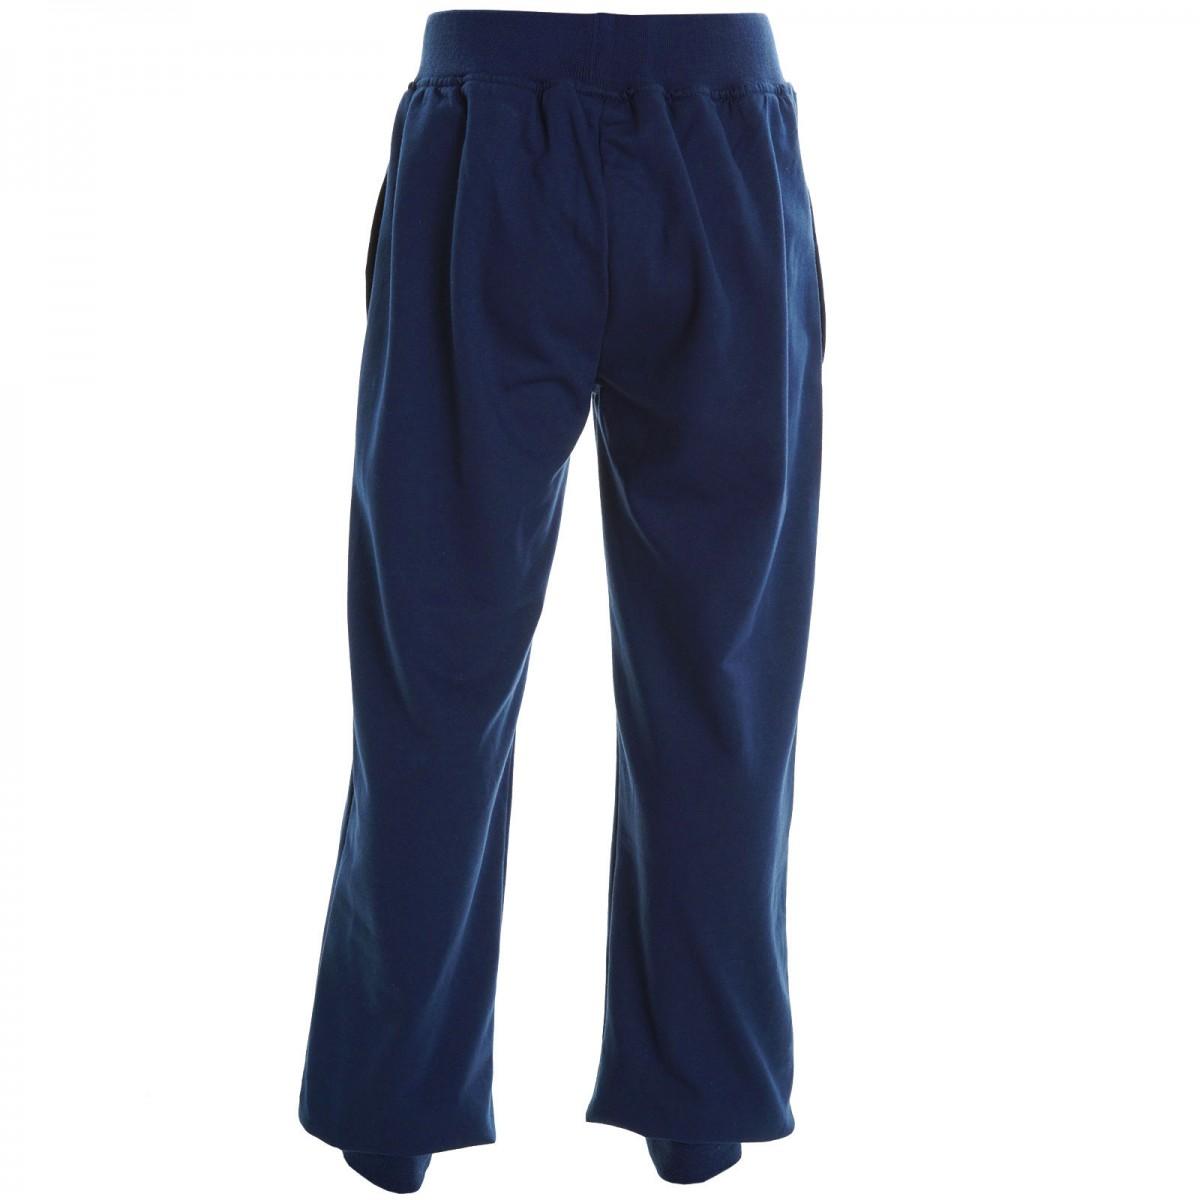 Garcons-Pantalon-Jogging-Sport-Short-Loisirs-Entrainement-Pantalons-Stock-offre miniature 3